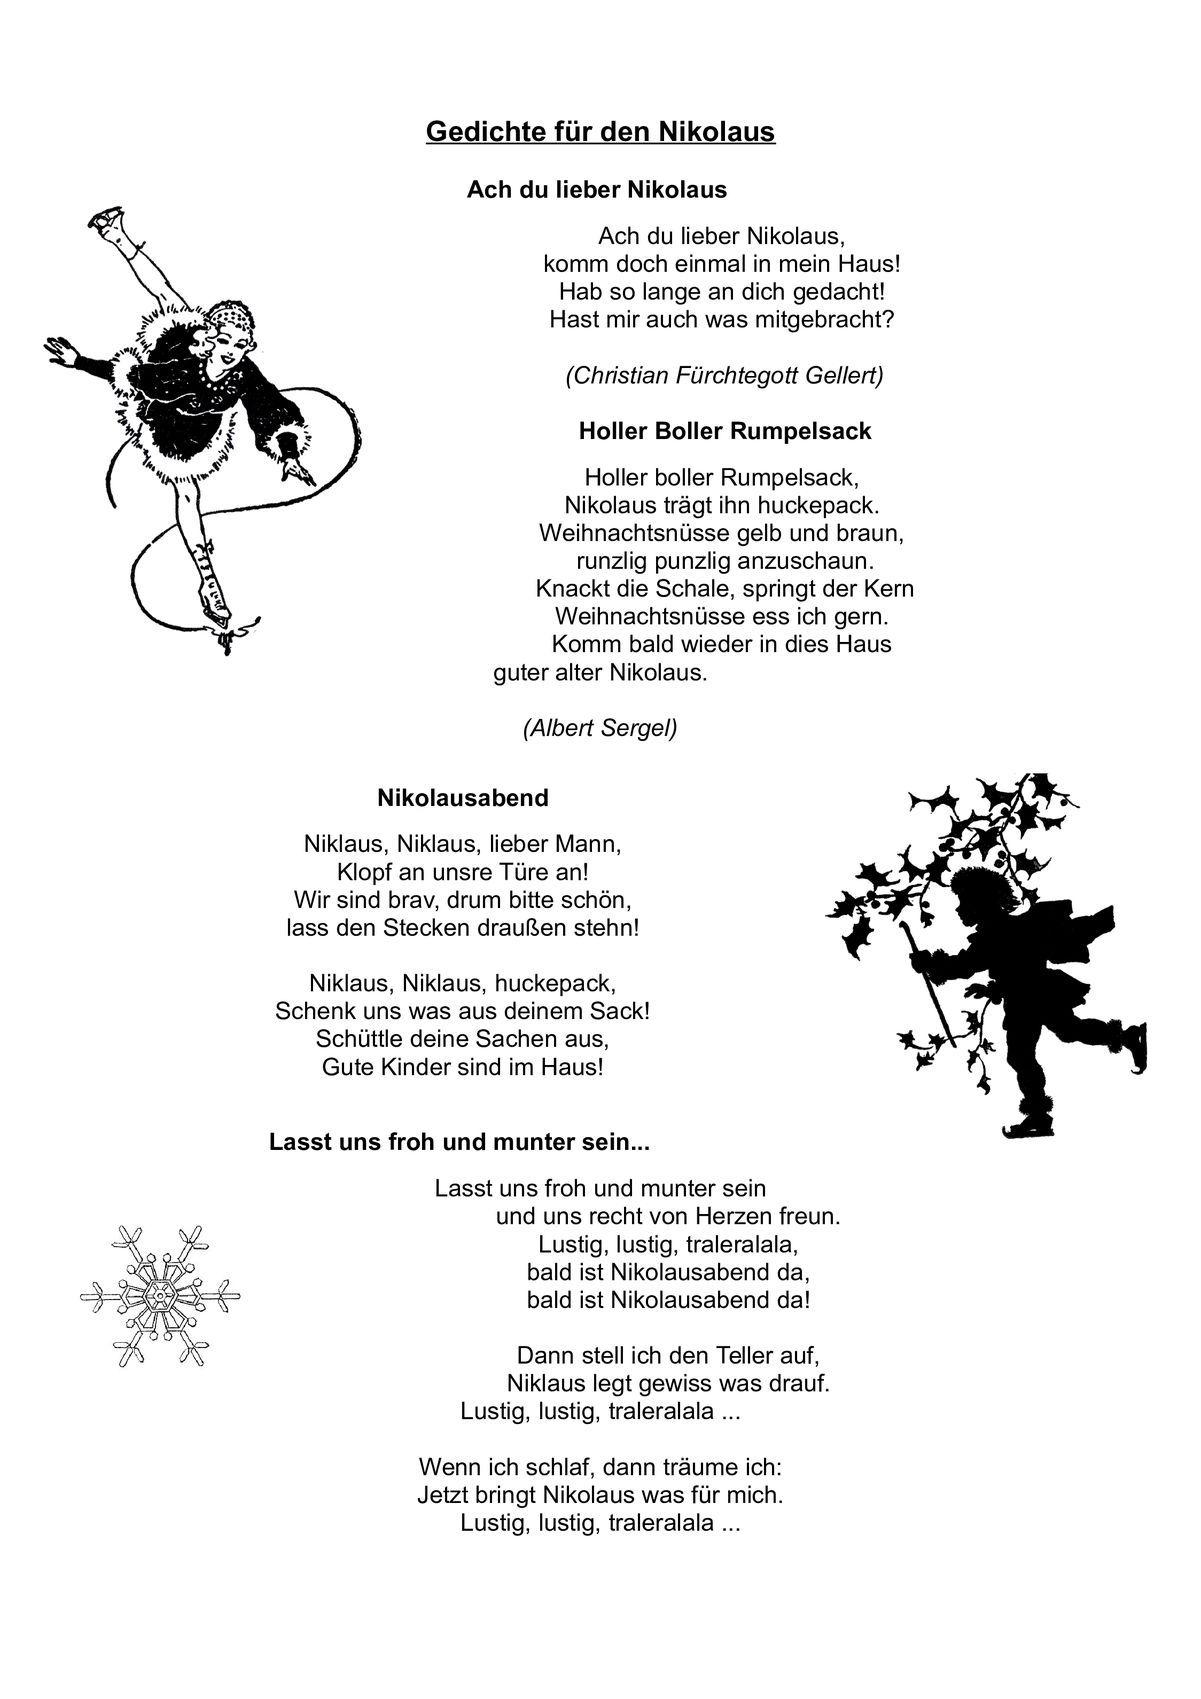 Gedichte Fur Den Nikolaus Diverses Mit Bildern Gedicht Nikolaus Gedichte Nikolaus